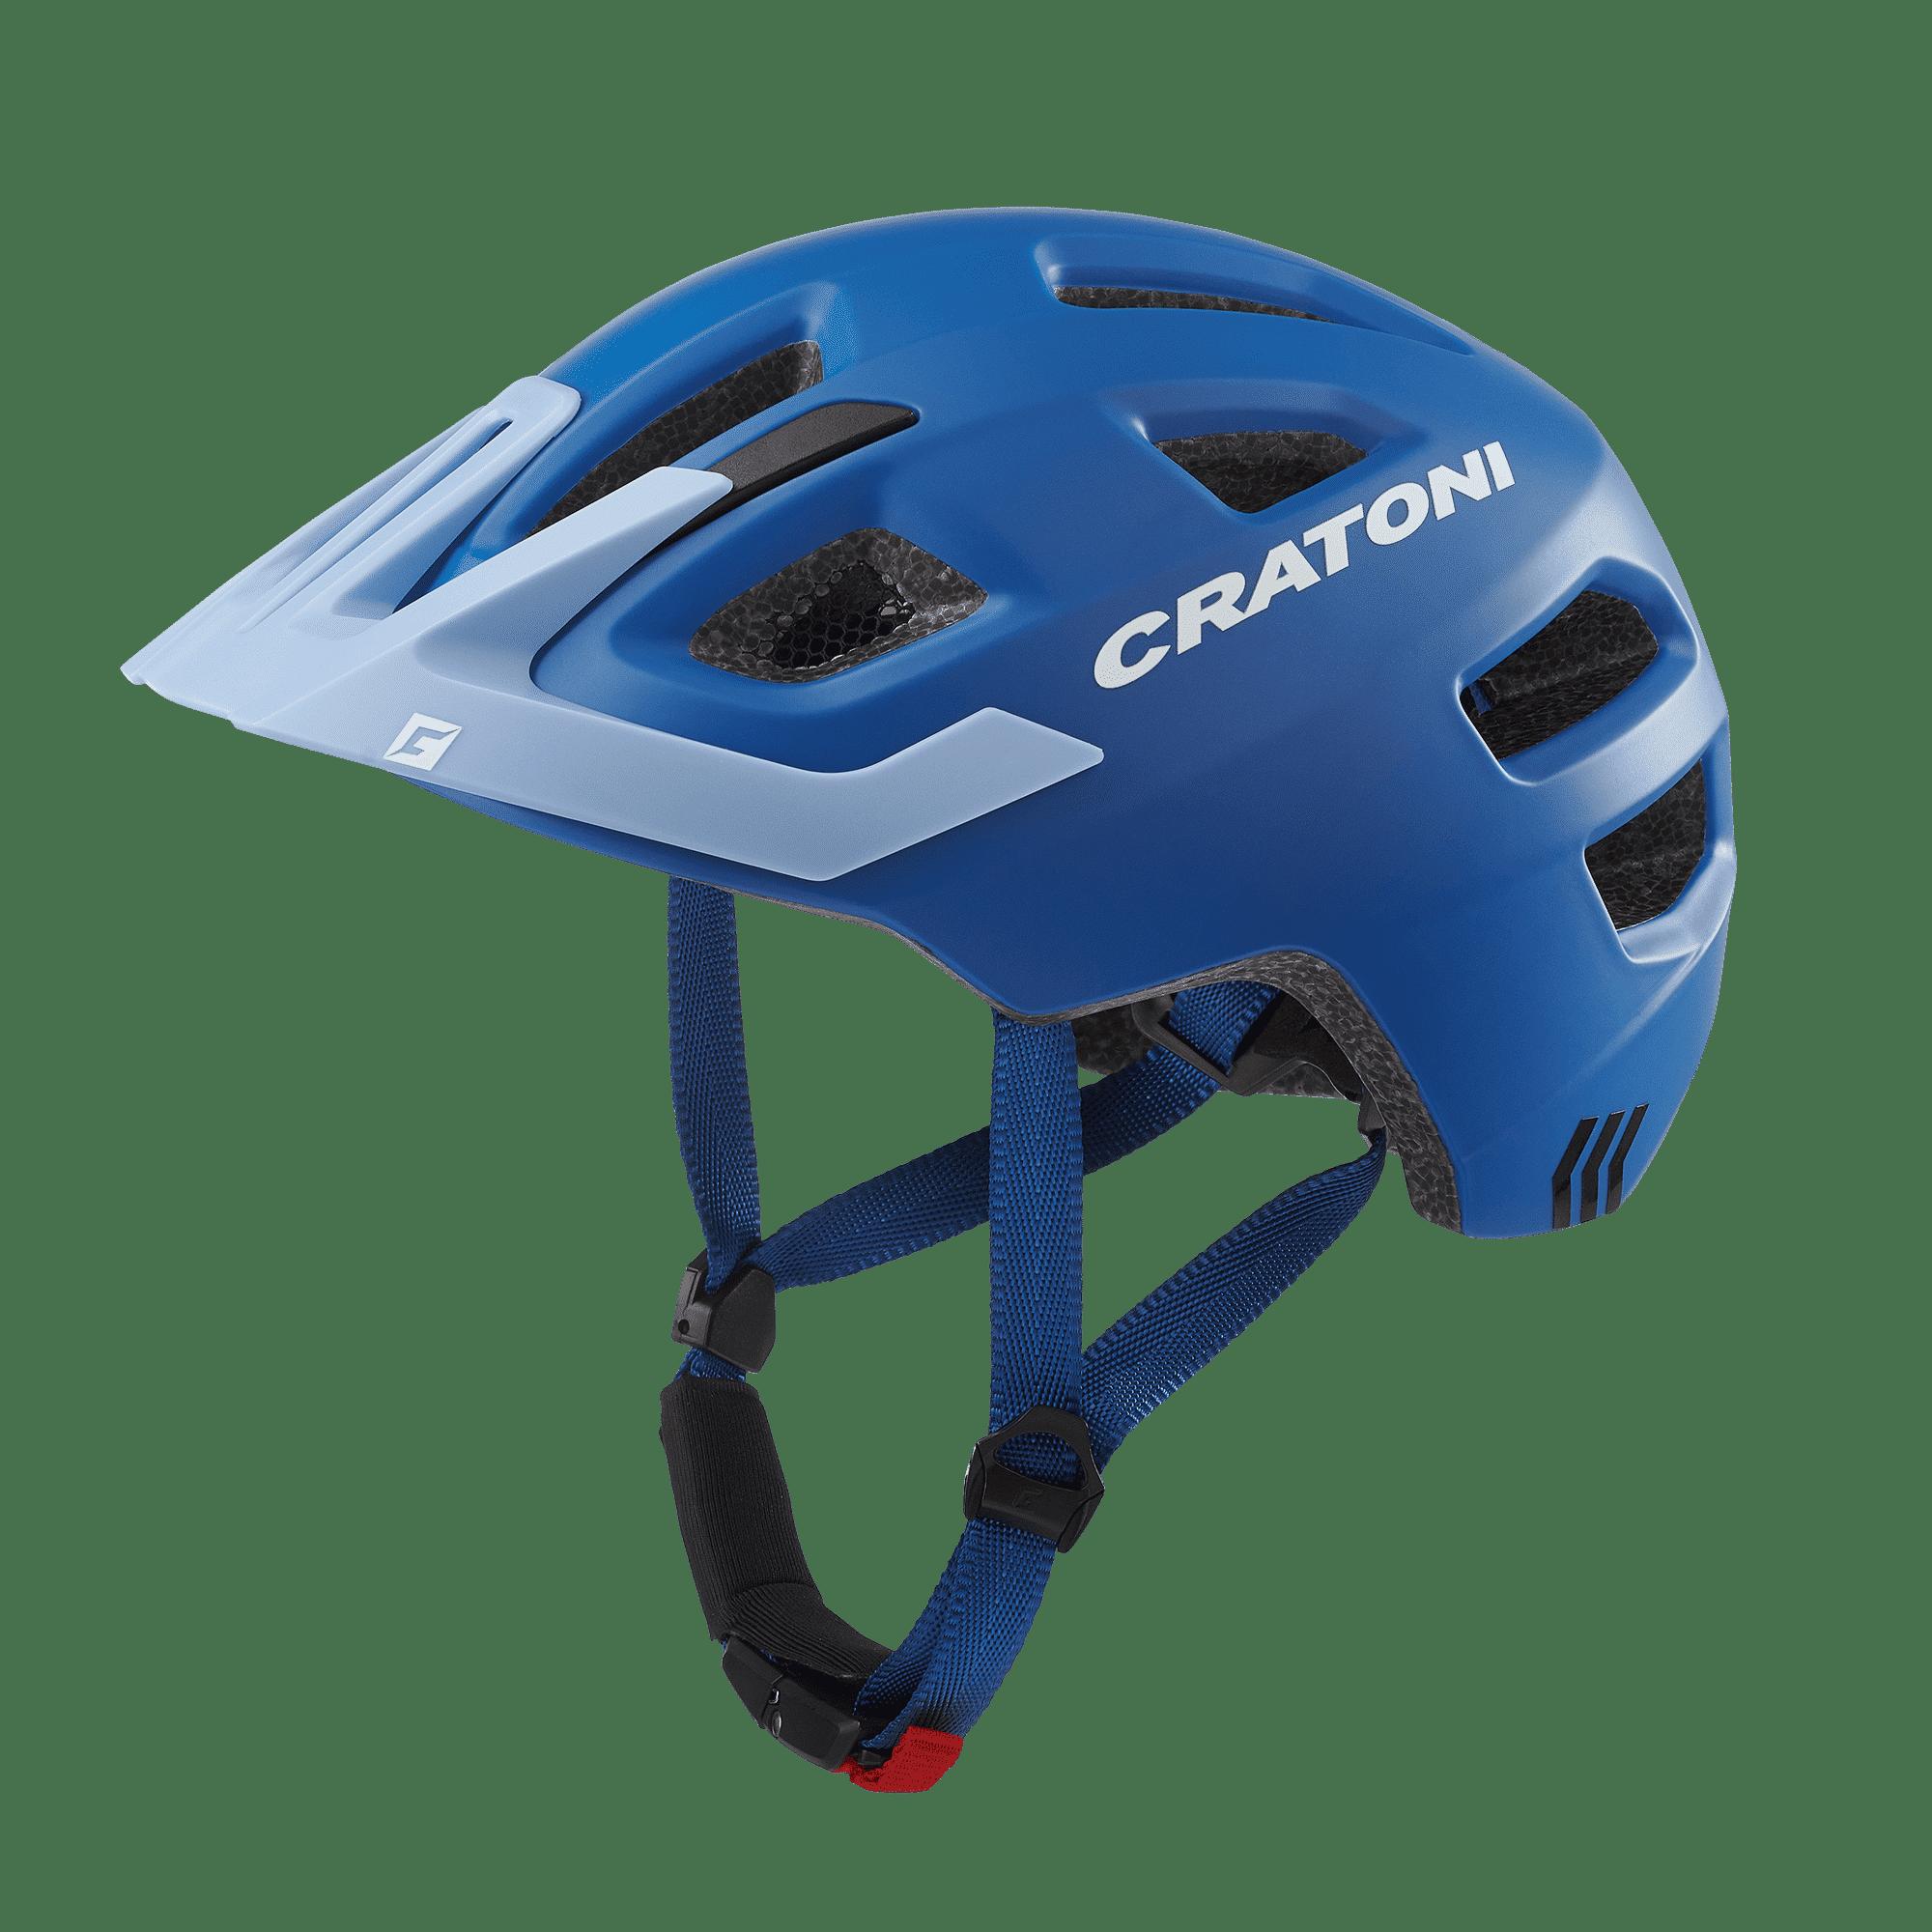 Maxster Pro Farbe: Yellow-Blue matt Cratoni 51-56 cm Größe: S-M